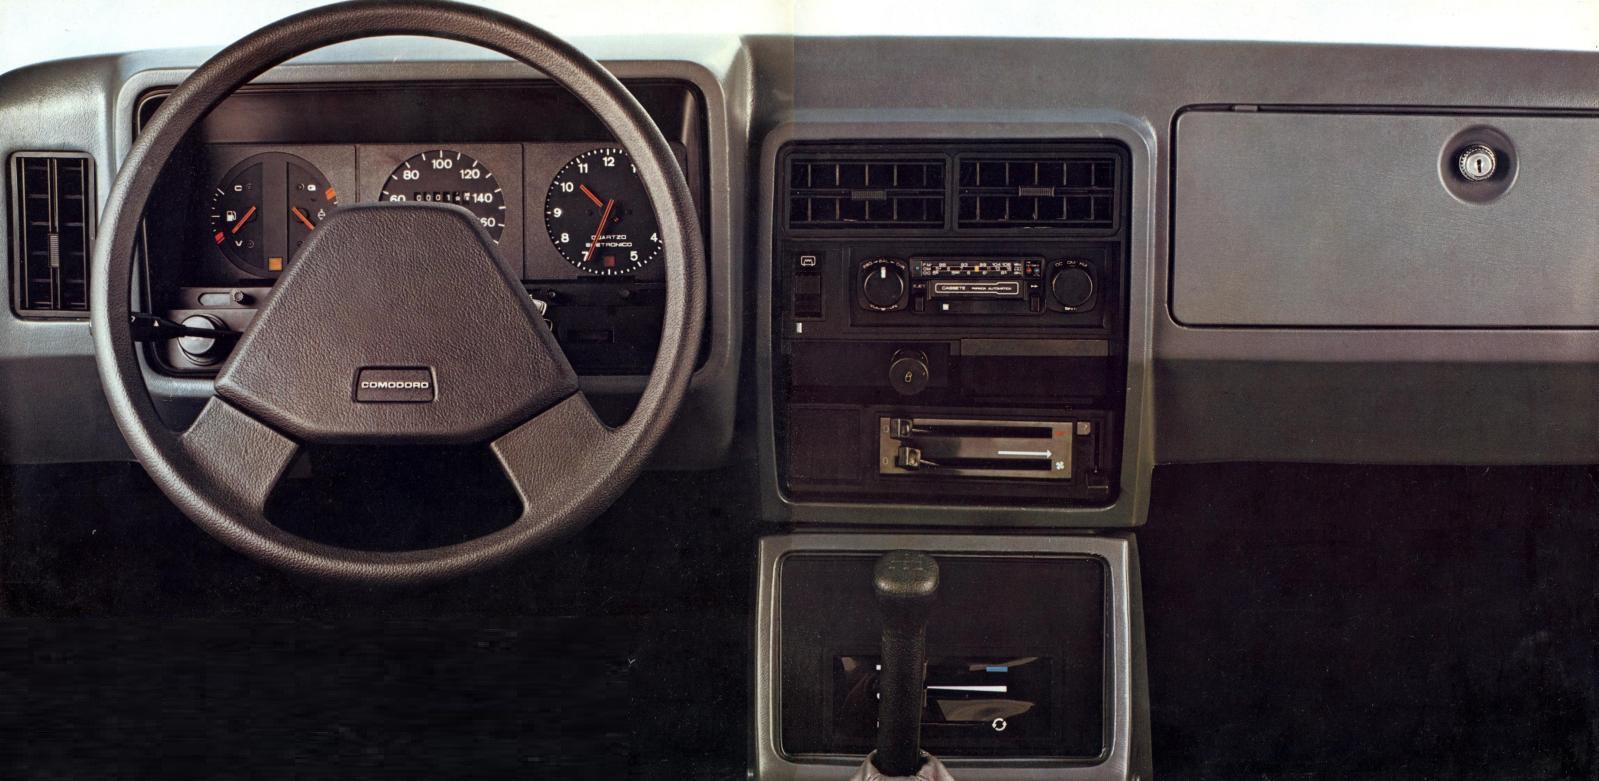 interior com novos painel e volante da linha 1981 do chevrolet opala